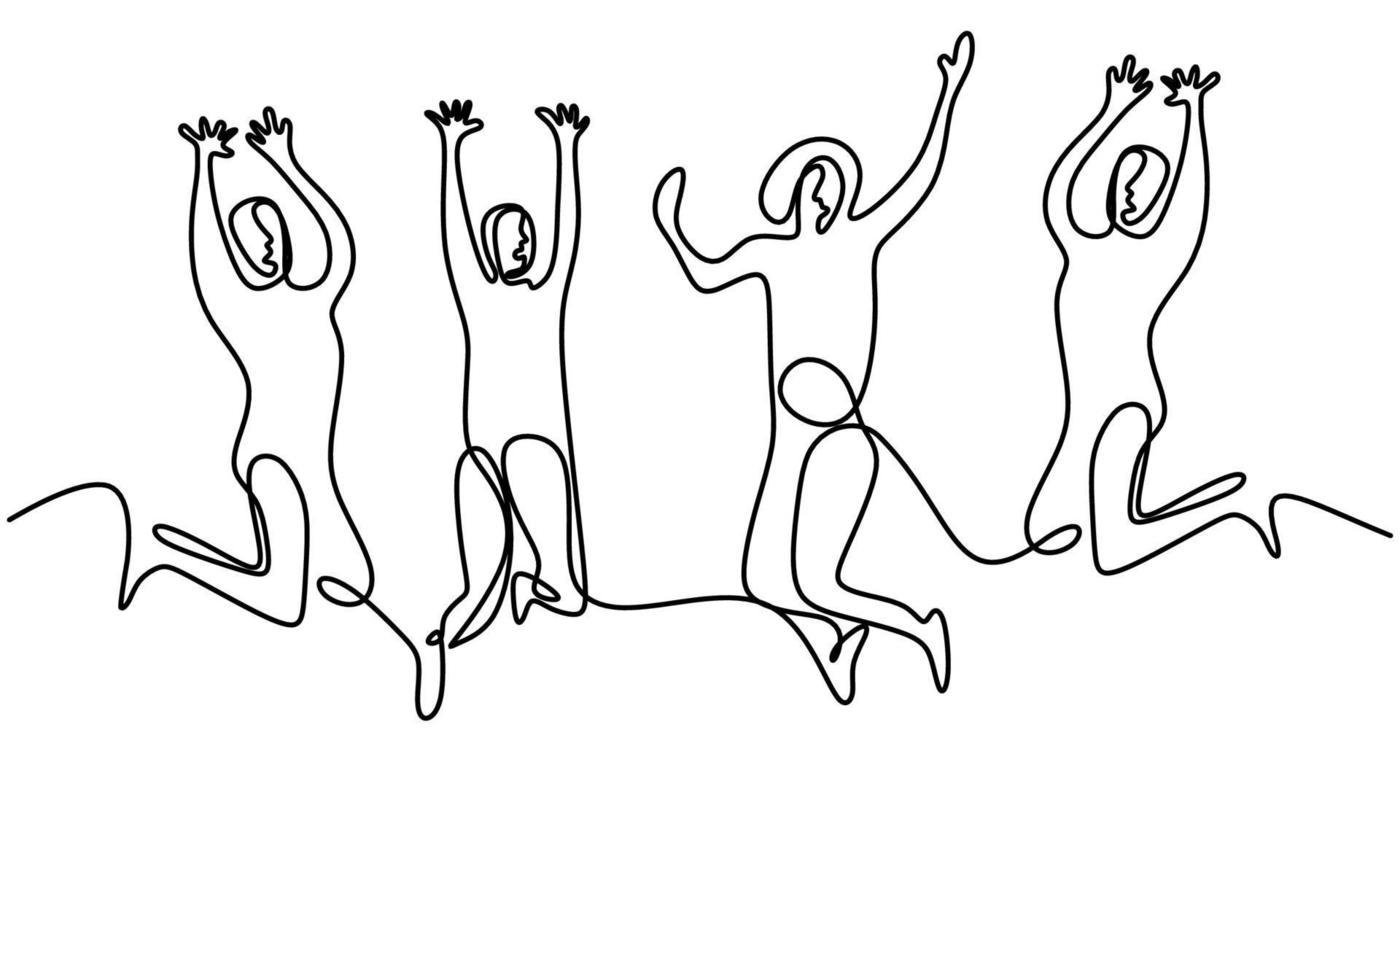 disegno a tratteggio continuo di saltare i membri della squadra felice. quattro giovani saltano insieme per esprimere la loro felicità. gruppo di quattro persone salta e la libertà dal design minimalista. illustrazione vettoriale